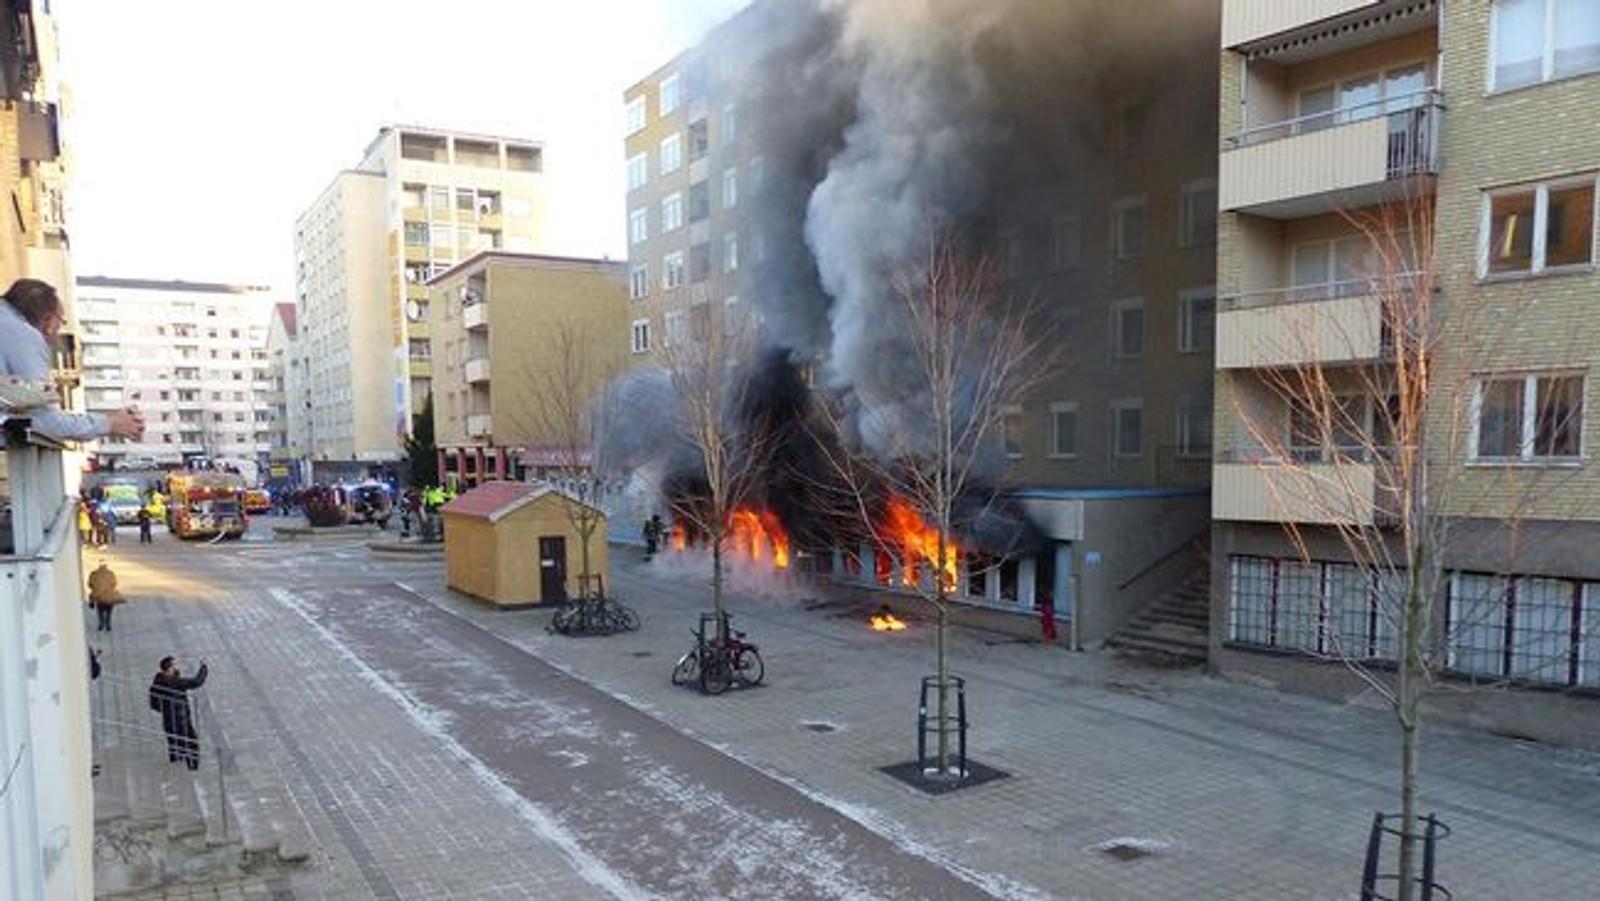 Fem personer ble brakt til sykehus etter en brann i en moske i  Eskilstuna torsdag. Politiet etterforsker saken som mordbrann.